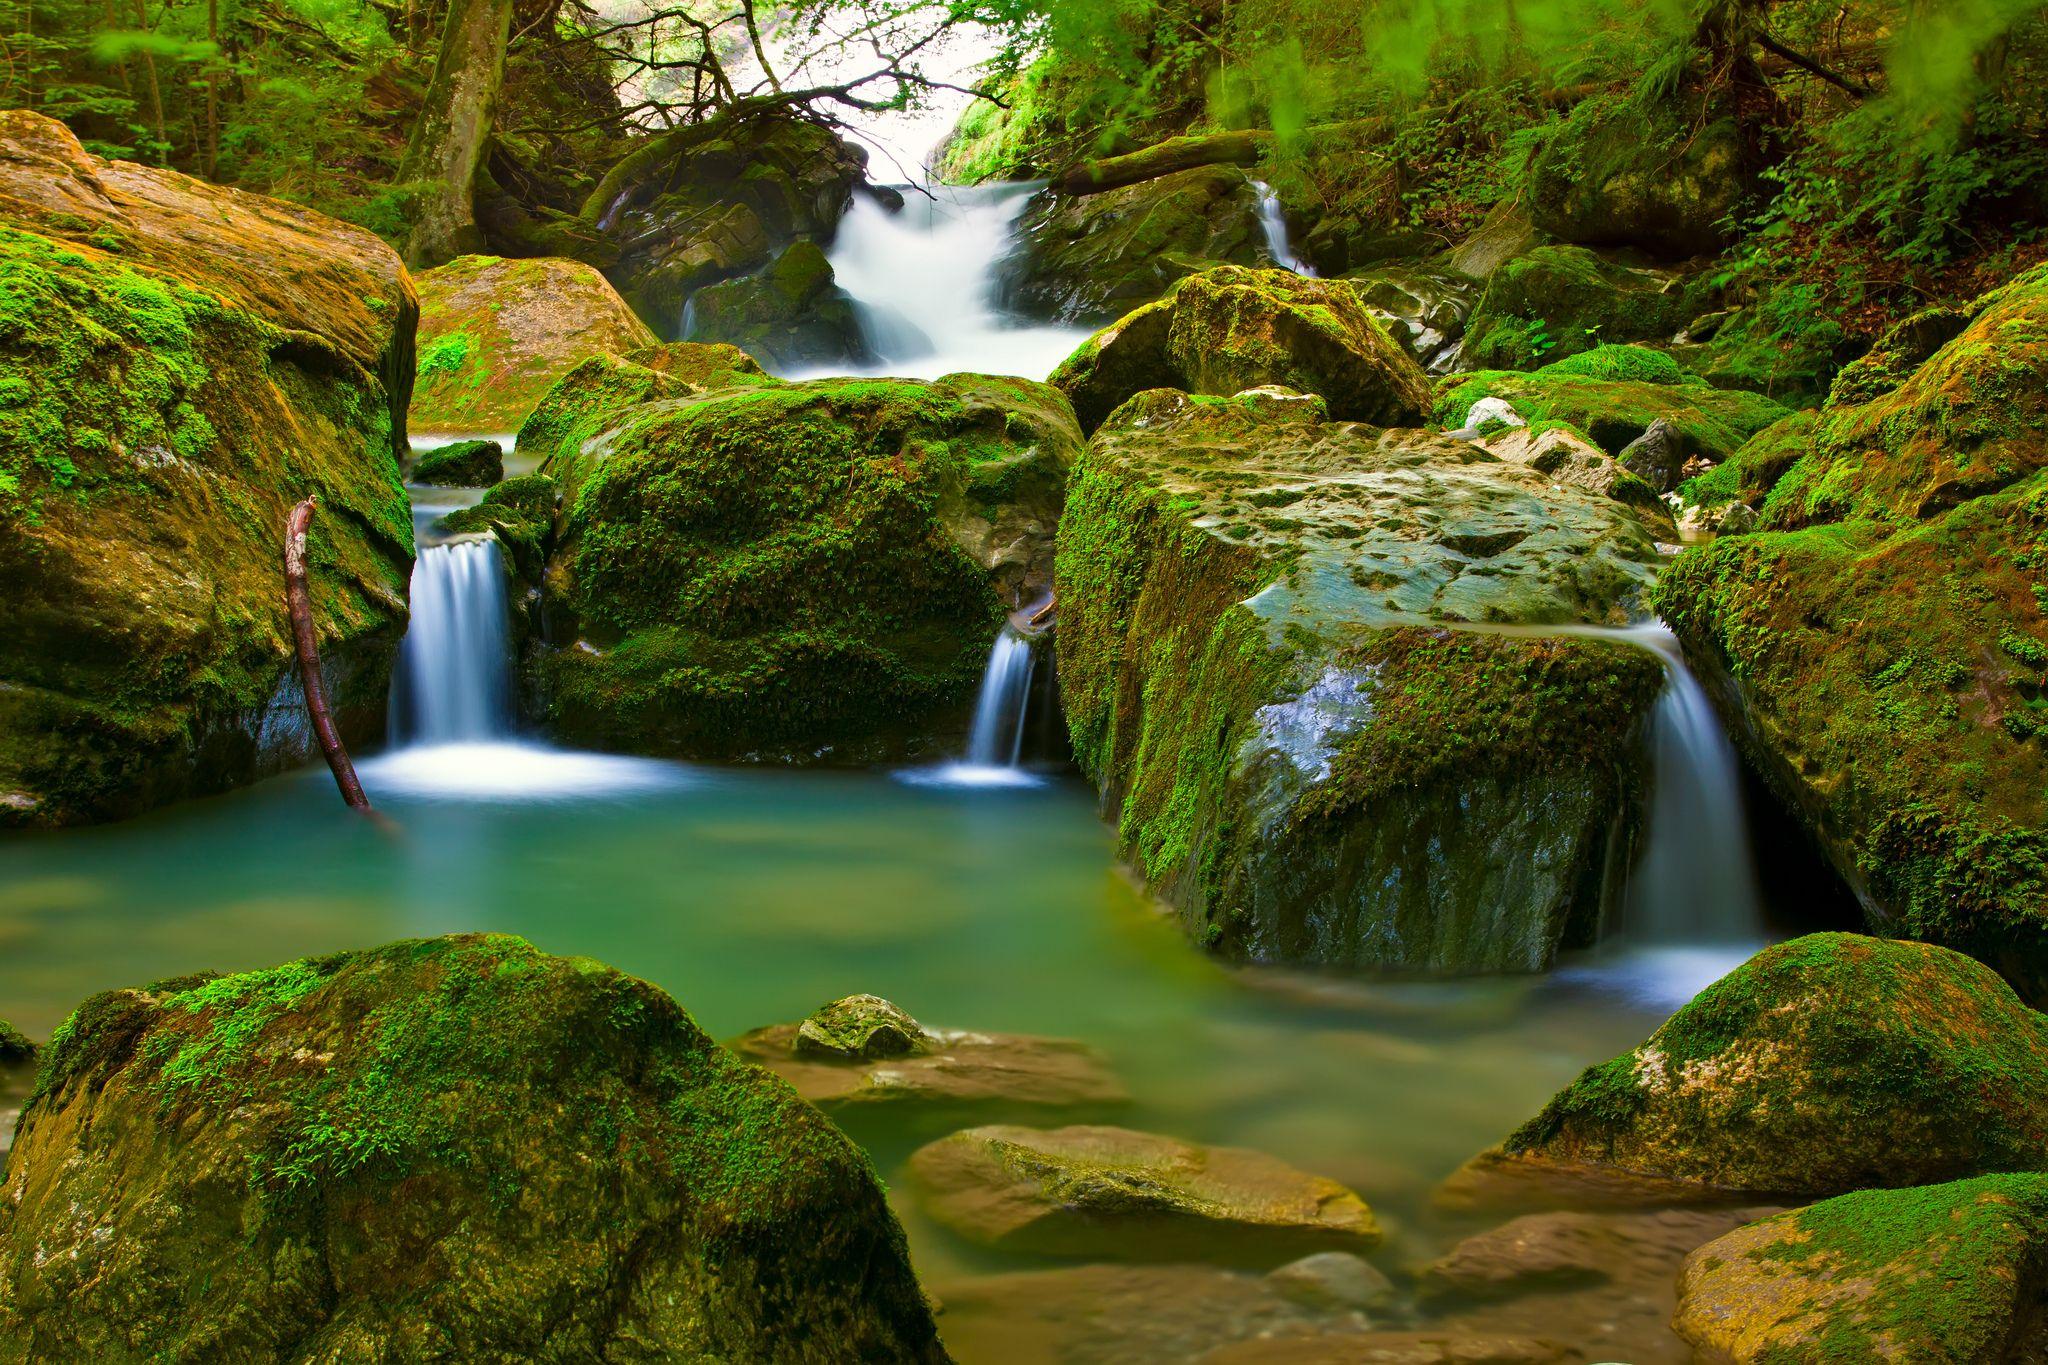 030 Agc0455 Fotomural Hogar Paisajes Cascadas 4752 X 3168 Grande Fh001 Imagenes De Paisajes Naturales Fondo De Pantalla De Cascada Fotos De Paisajes